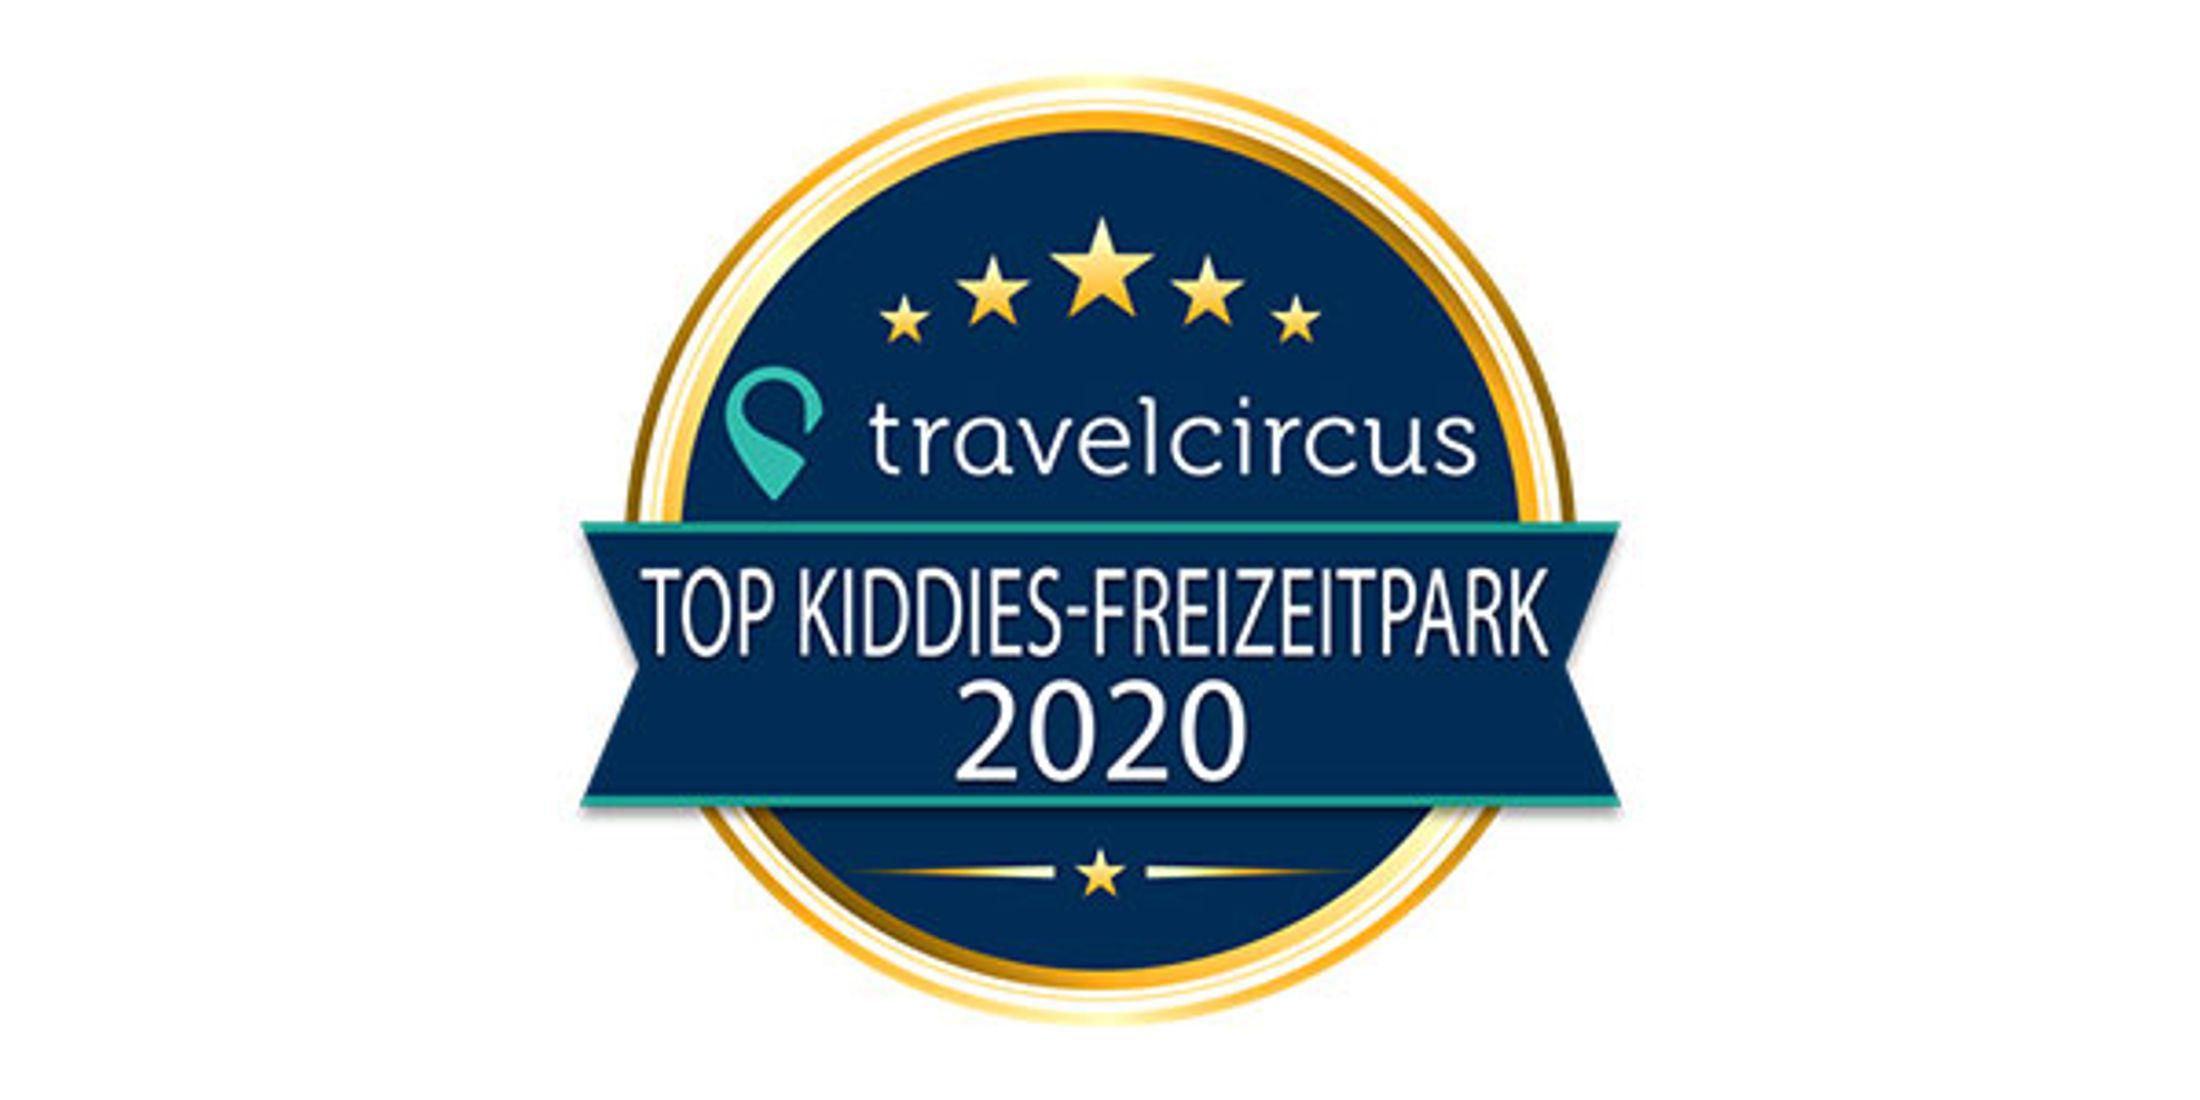 Travelcircus Top-Kiddies Freizeitpark 2020